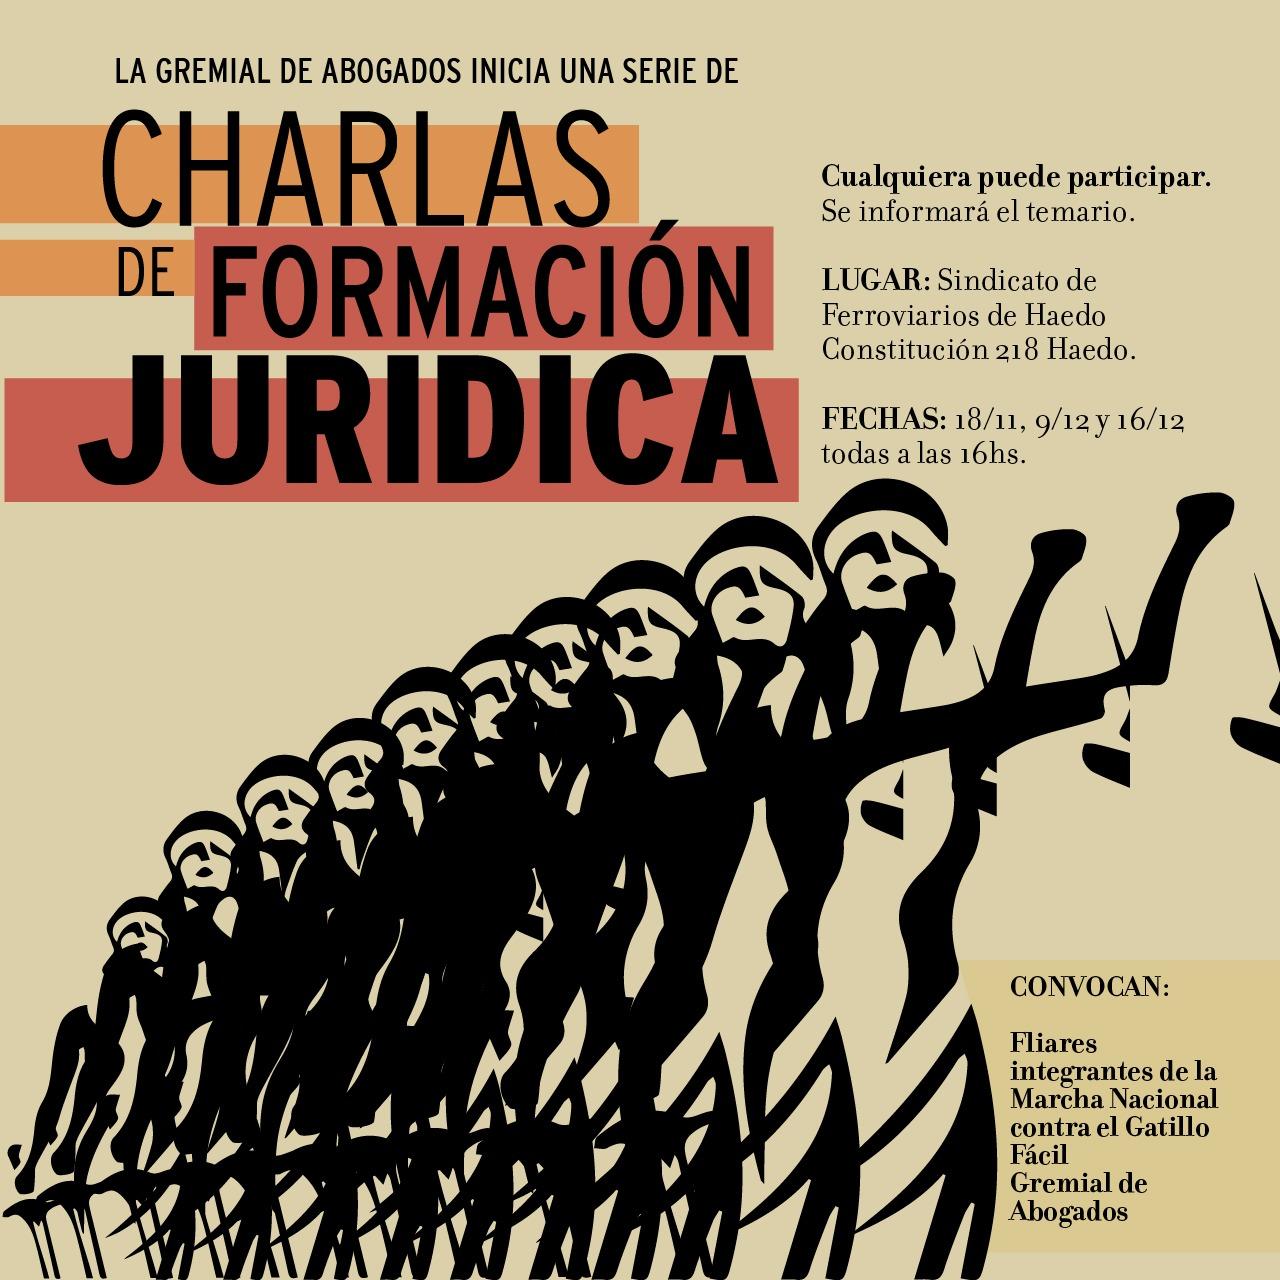 Charlas Abiertas de Formación Jurídica organizadas por Marcha Nacional contra el Gatillo Fácil y la Gremial de Abogadas y Abogados